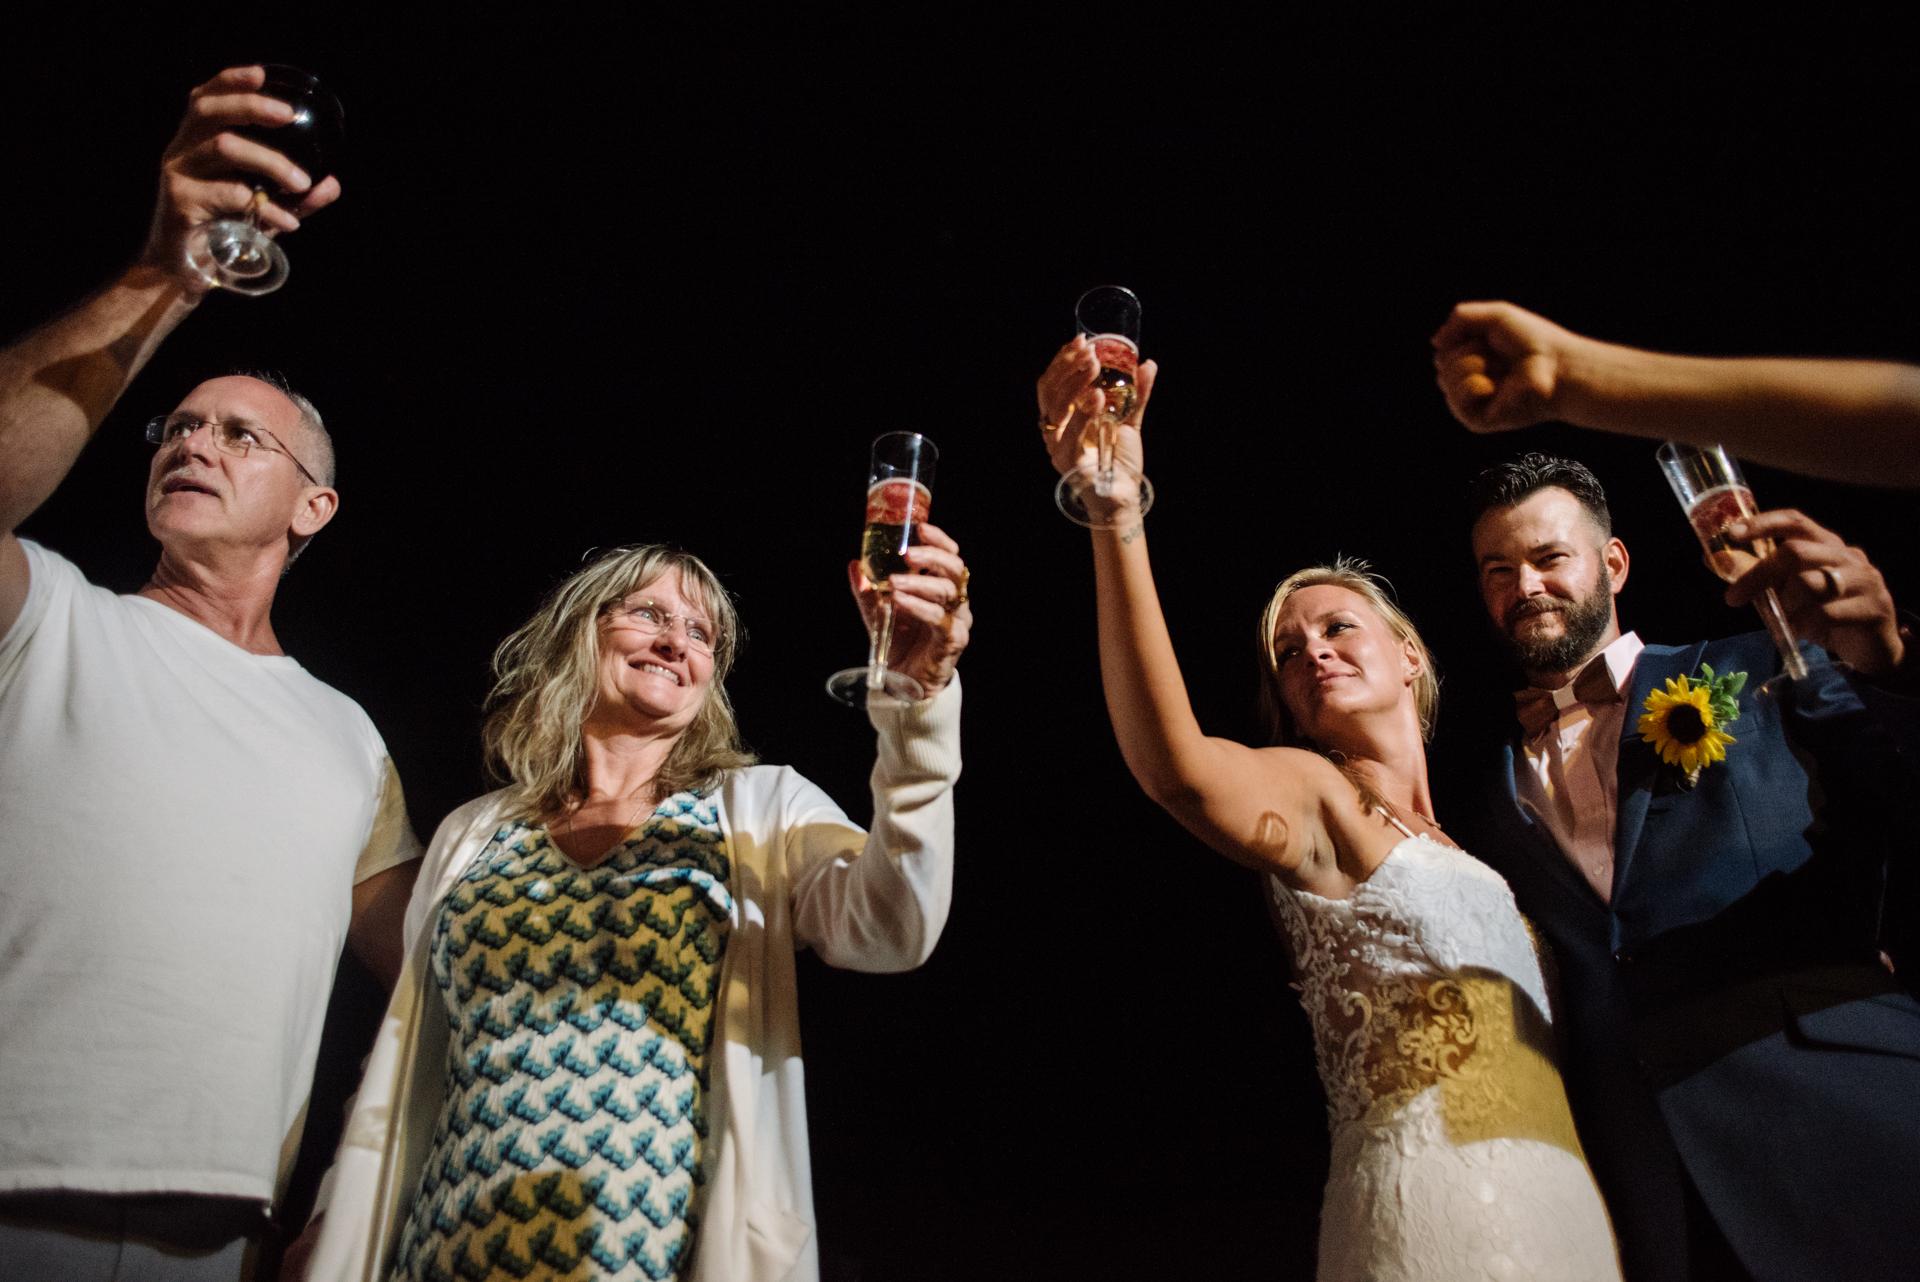 New Jersey kleine Hochzeit Elopement Foto | Braut und Bräutigam beenden den Abend mit einem Toast mit der nahen Familie und Freunden